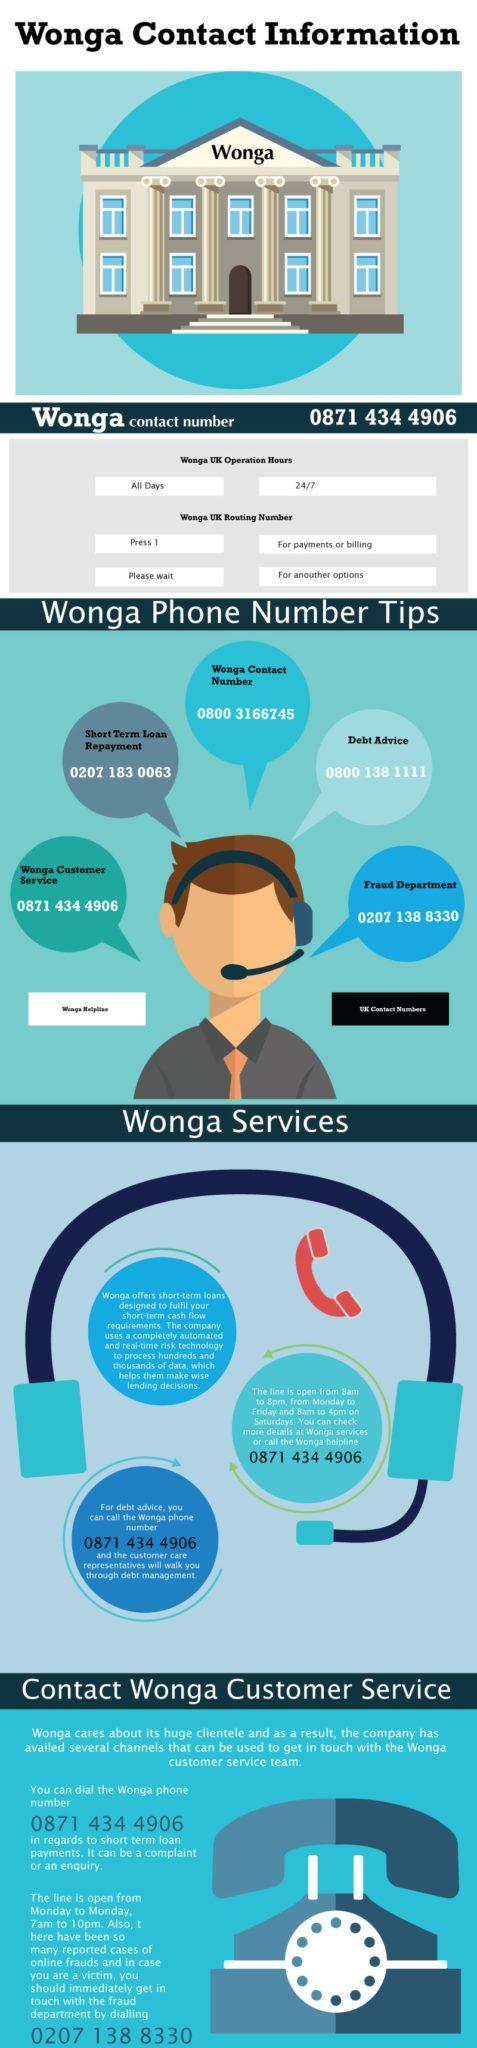 Wonga Helpline